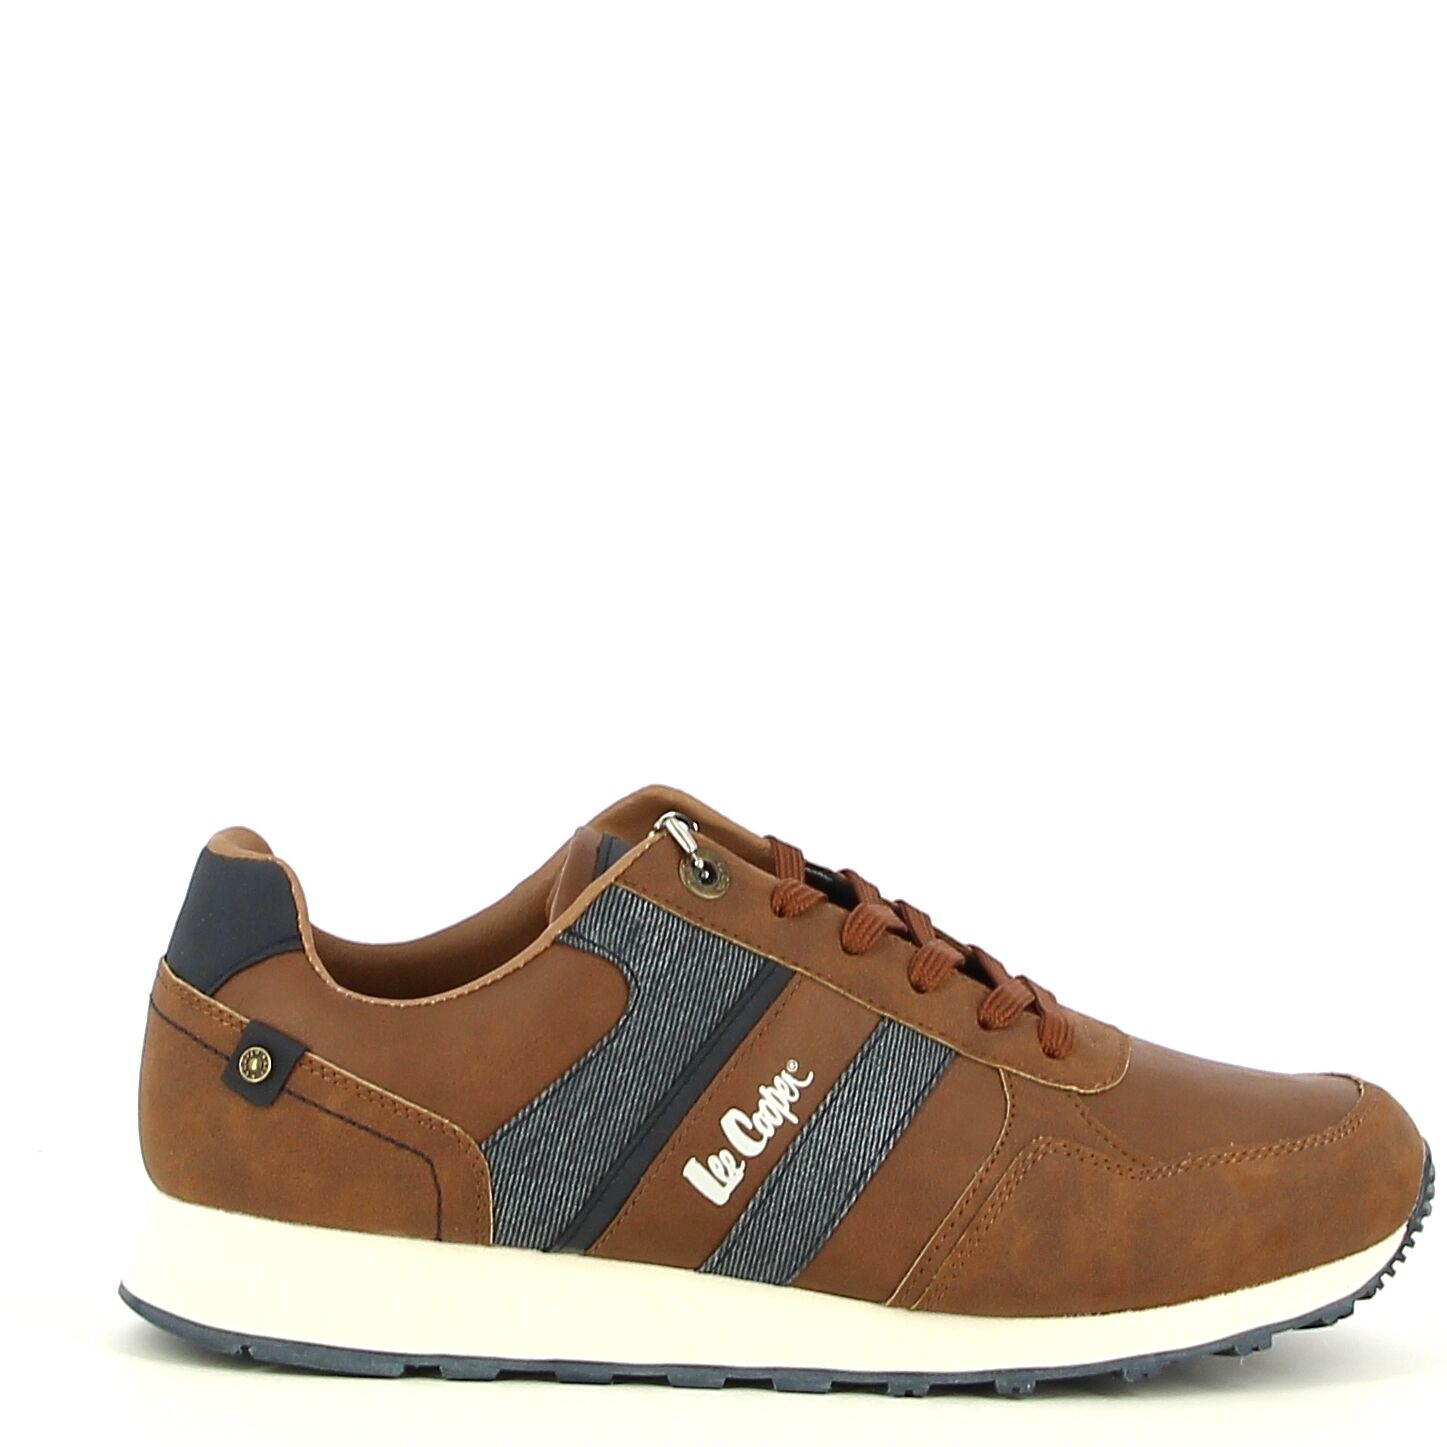 Lee Cooper - Camel/Navy - Sneakers